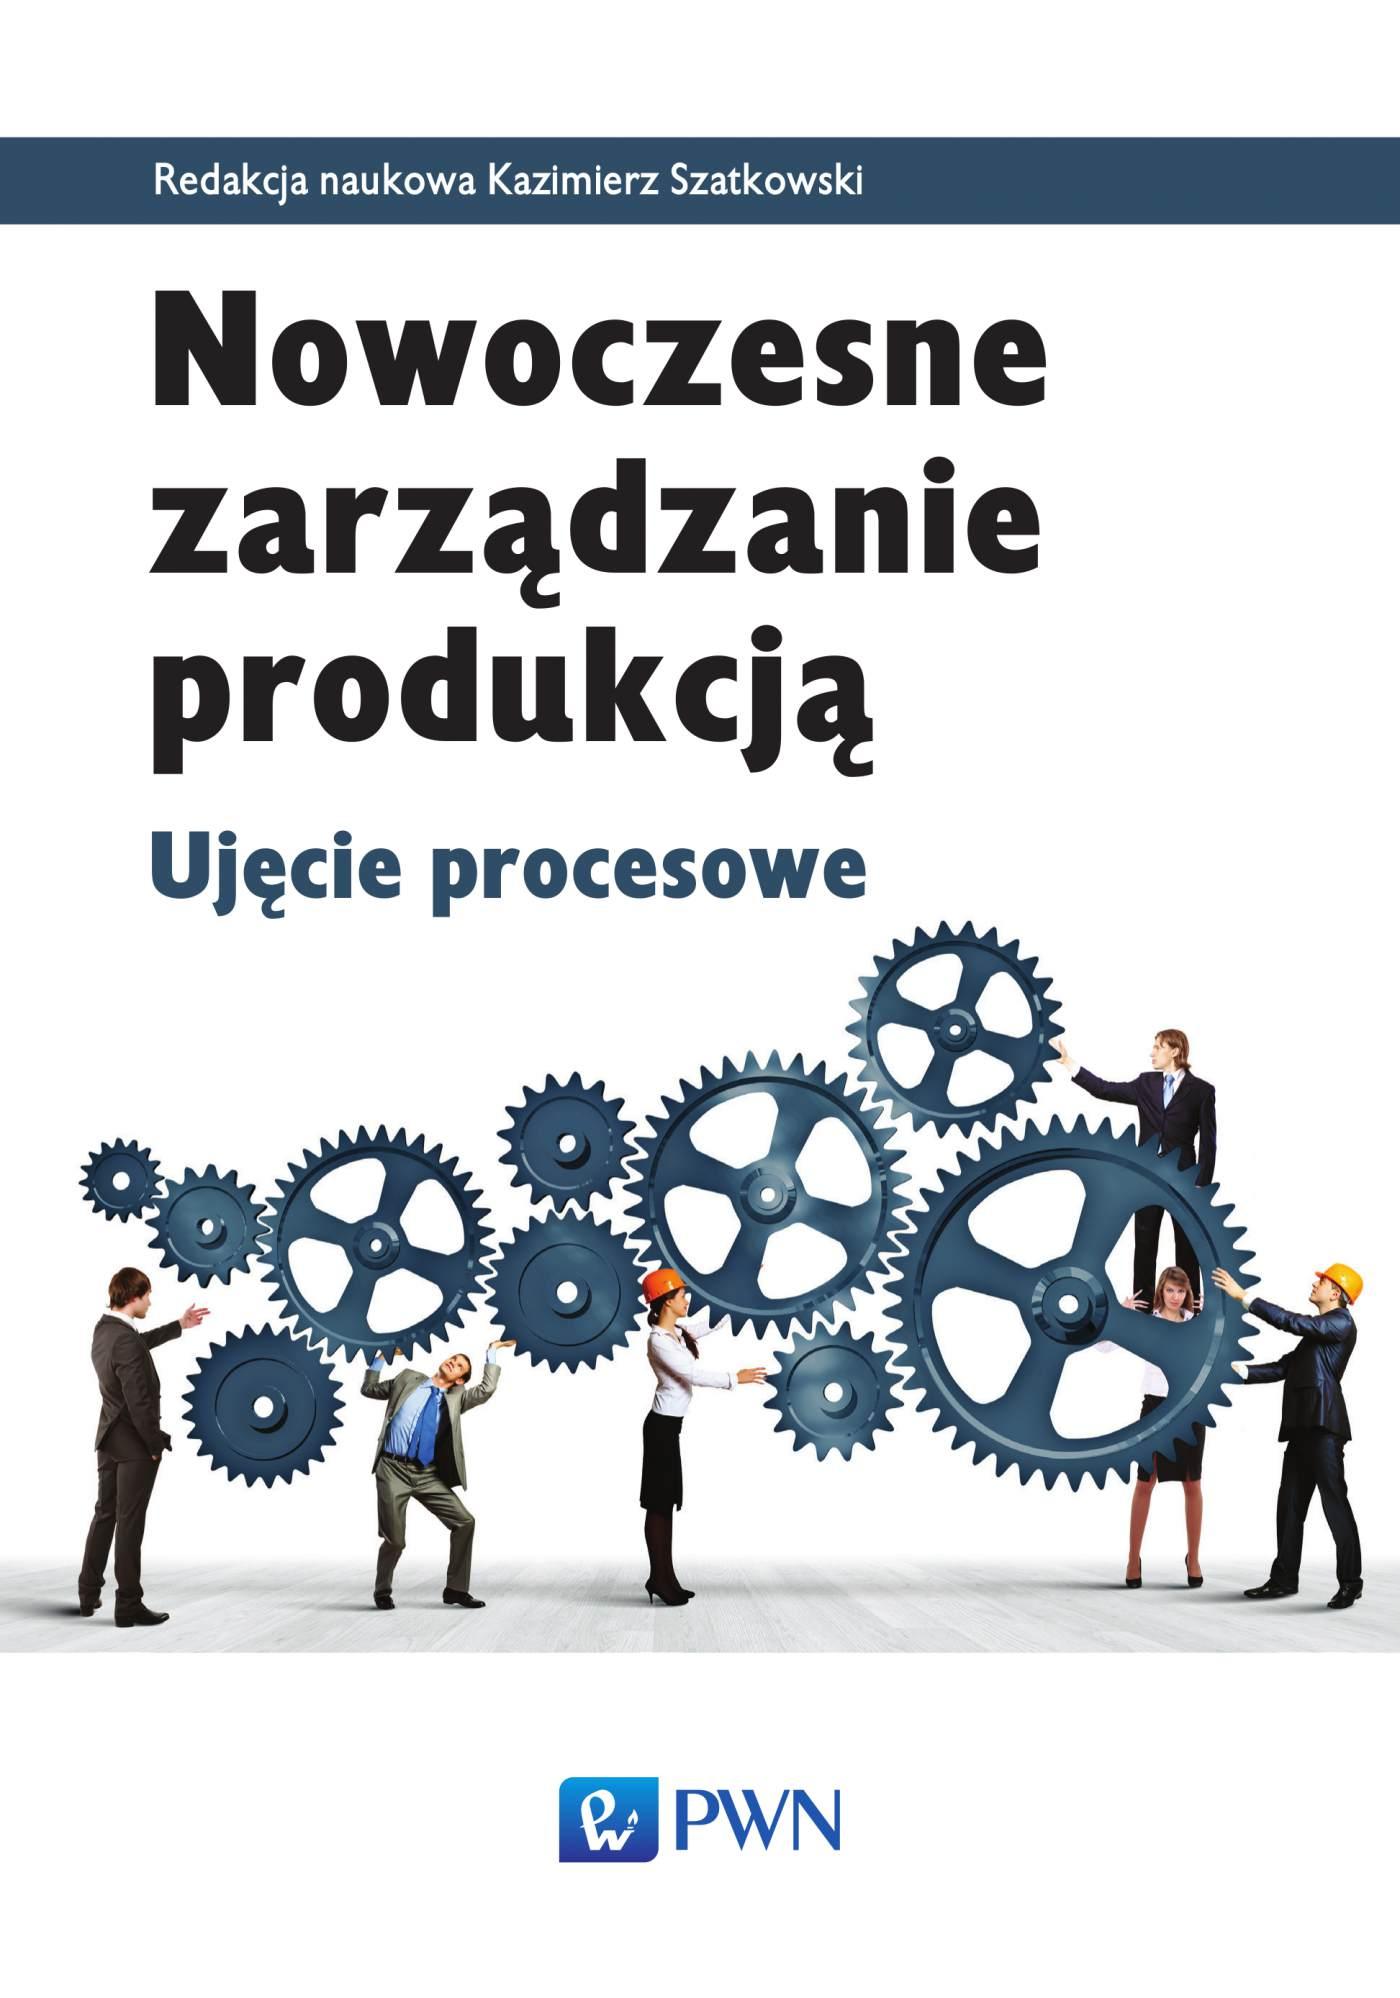 Nowoczesne zarządzanie produkcją - Ebook (Książka EPUB) do pobrania w formacie EPUB